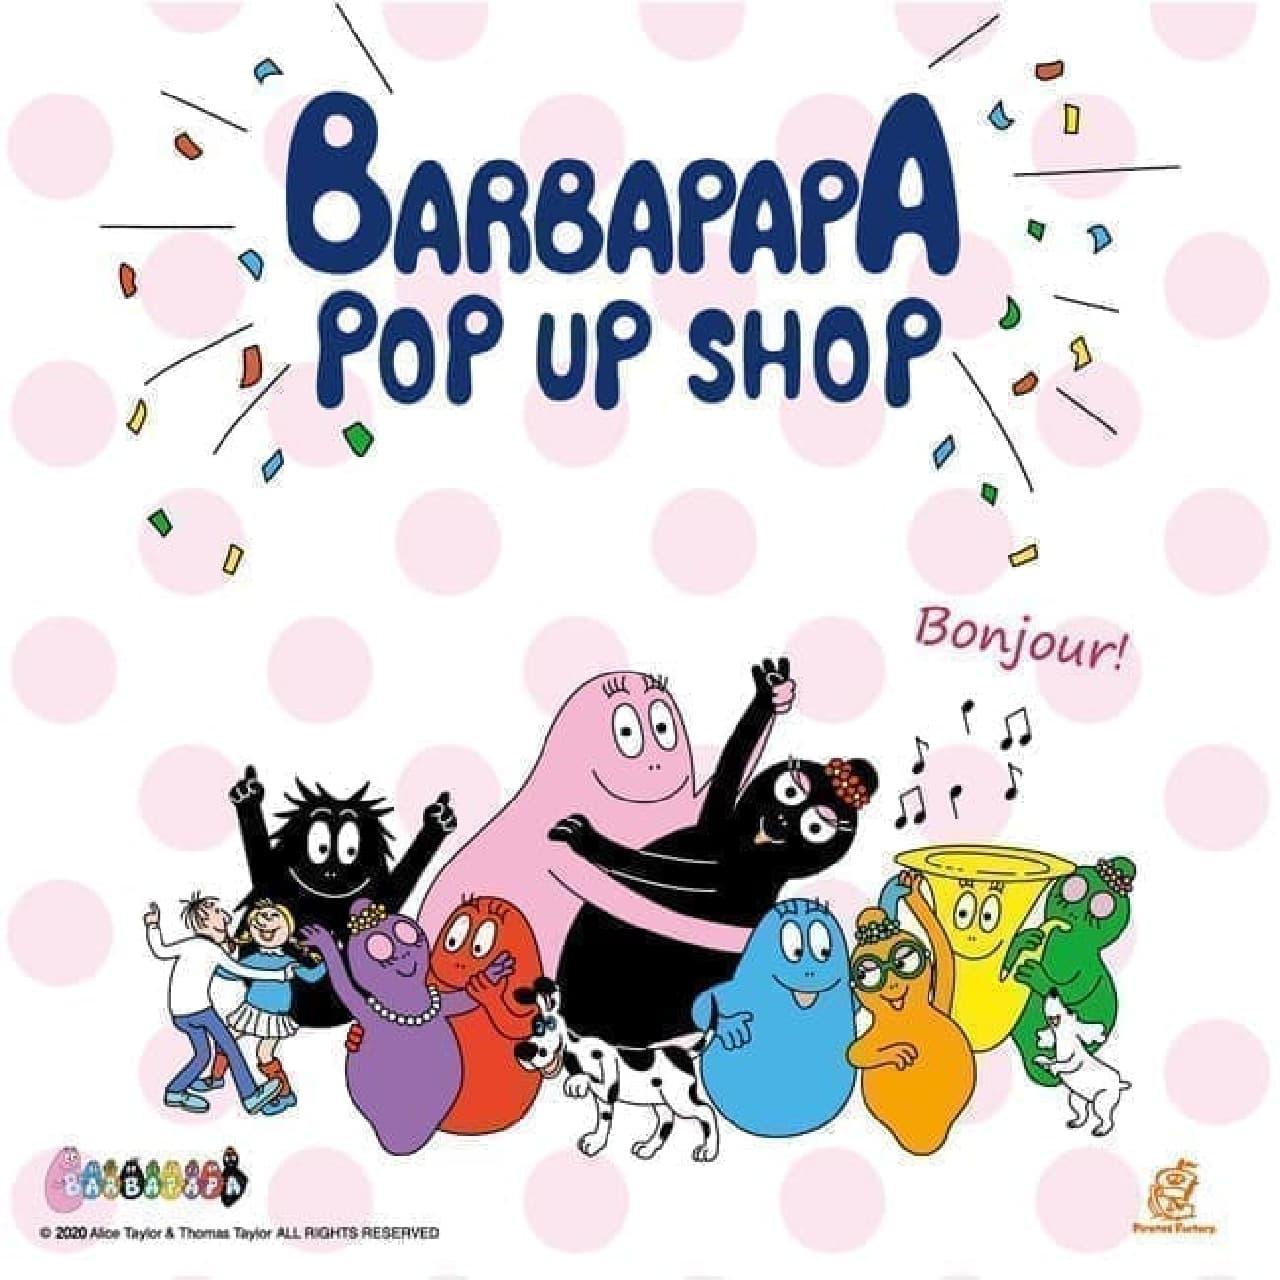 誕生50周年!「バーバパパ POP UP SHOP」がそごう・西武で開催